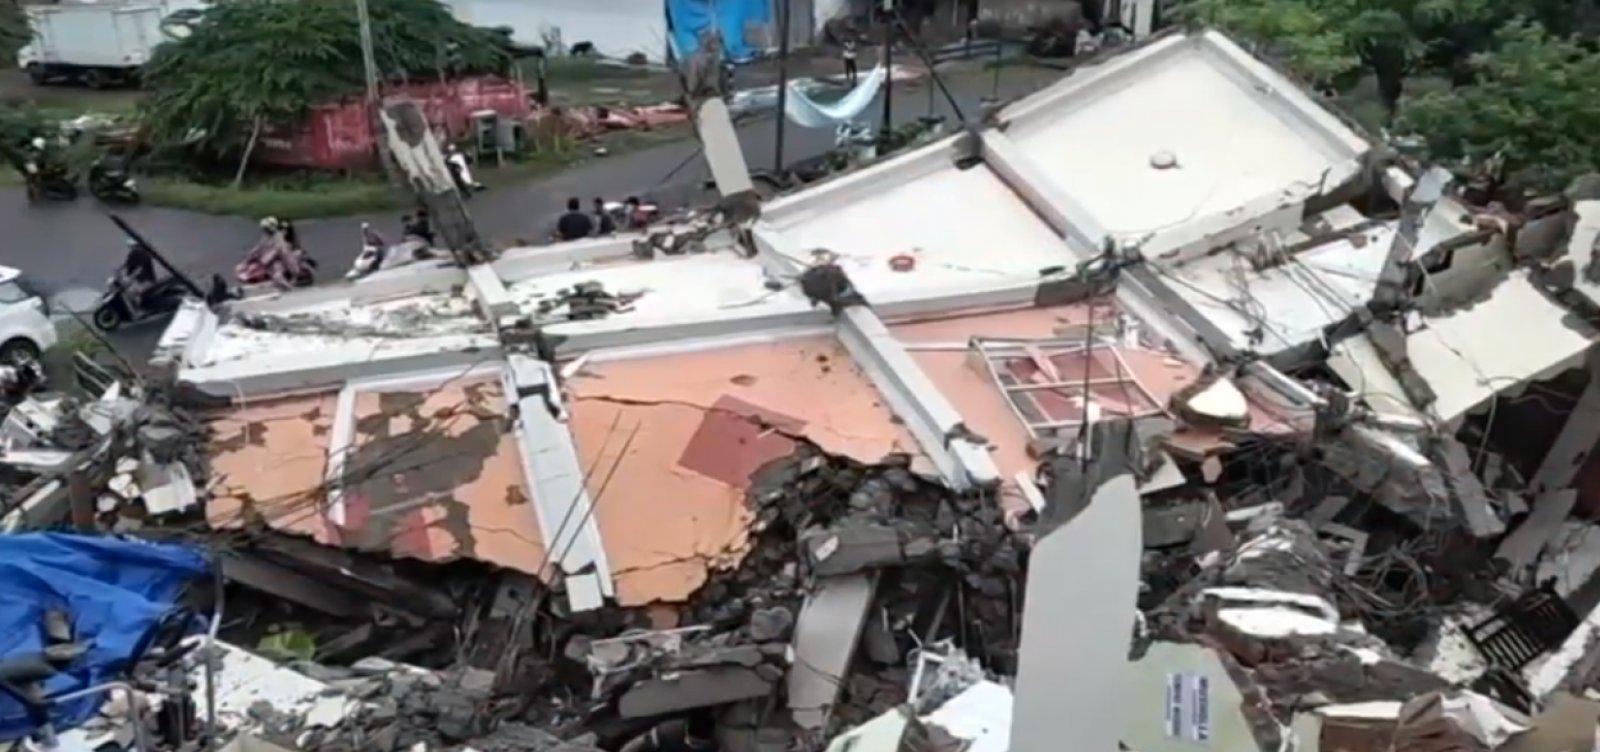 Número de mortes em terremoto na Indonésia sobe para 56